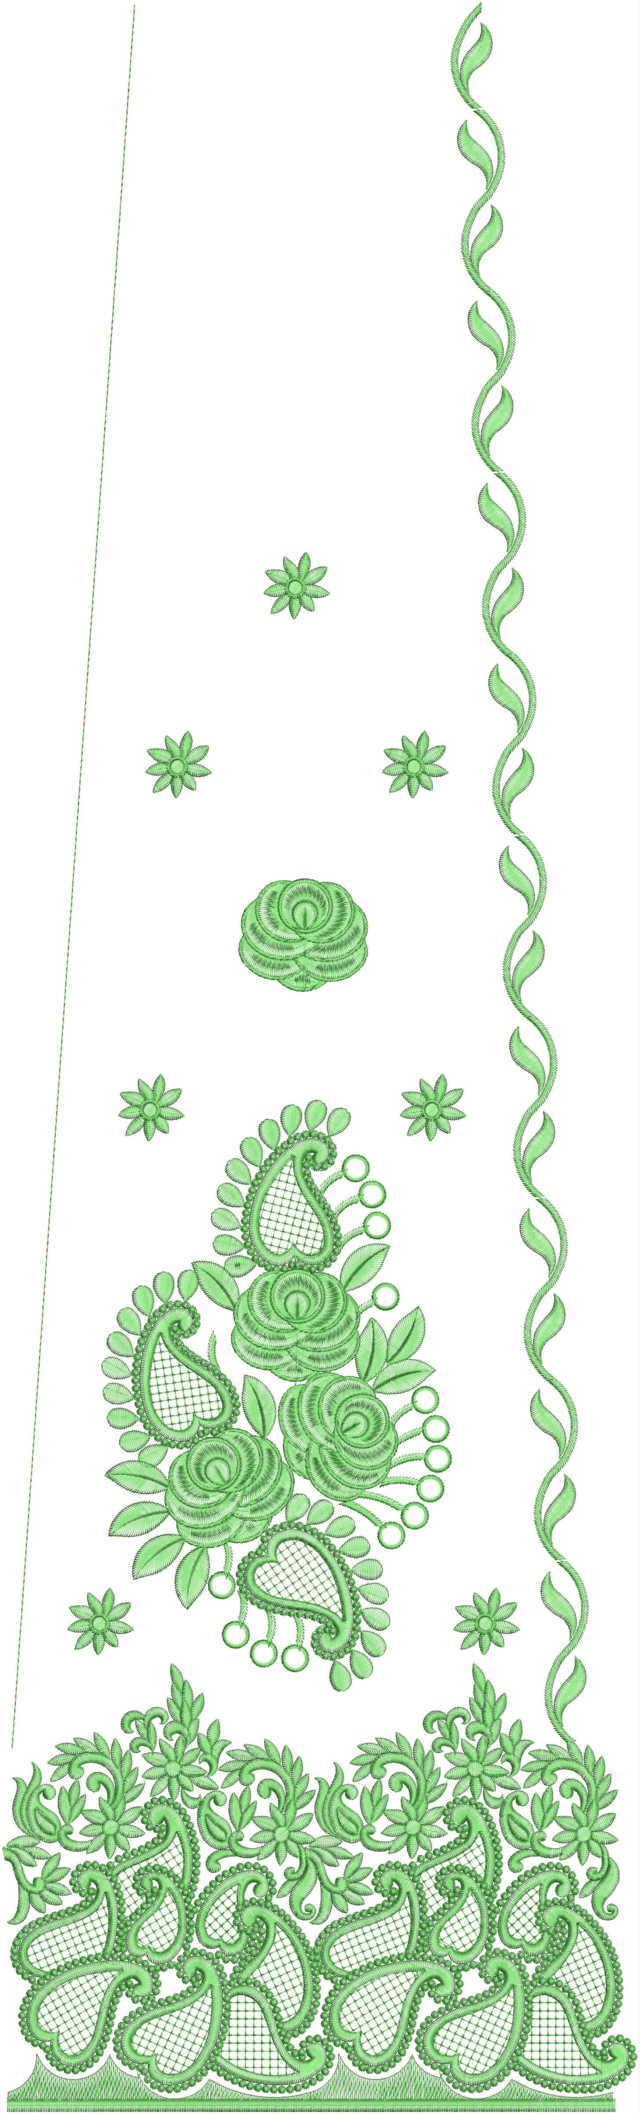 Rajasthani test Lehenga / kali Embroidery Design